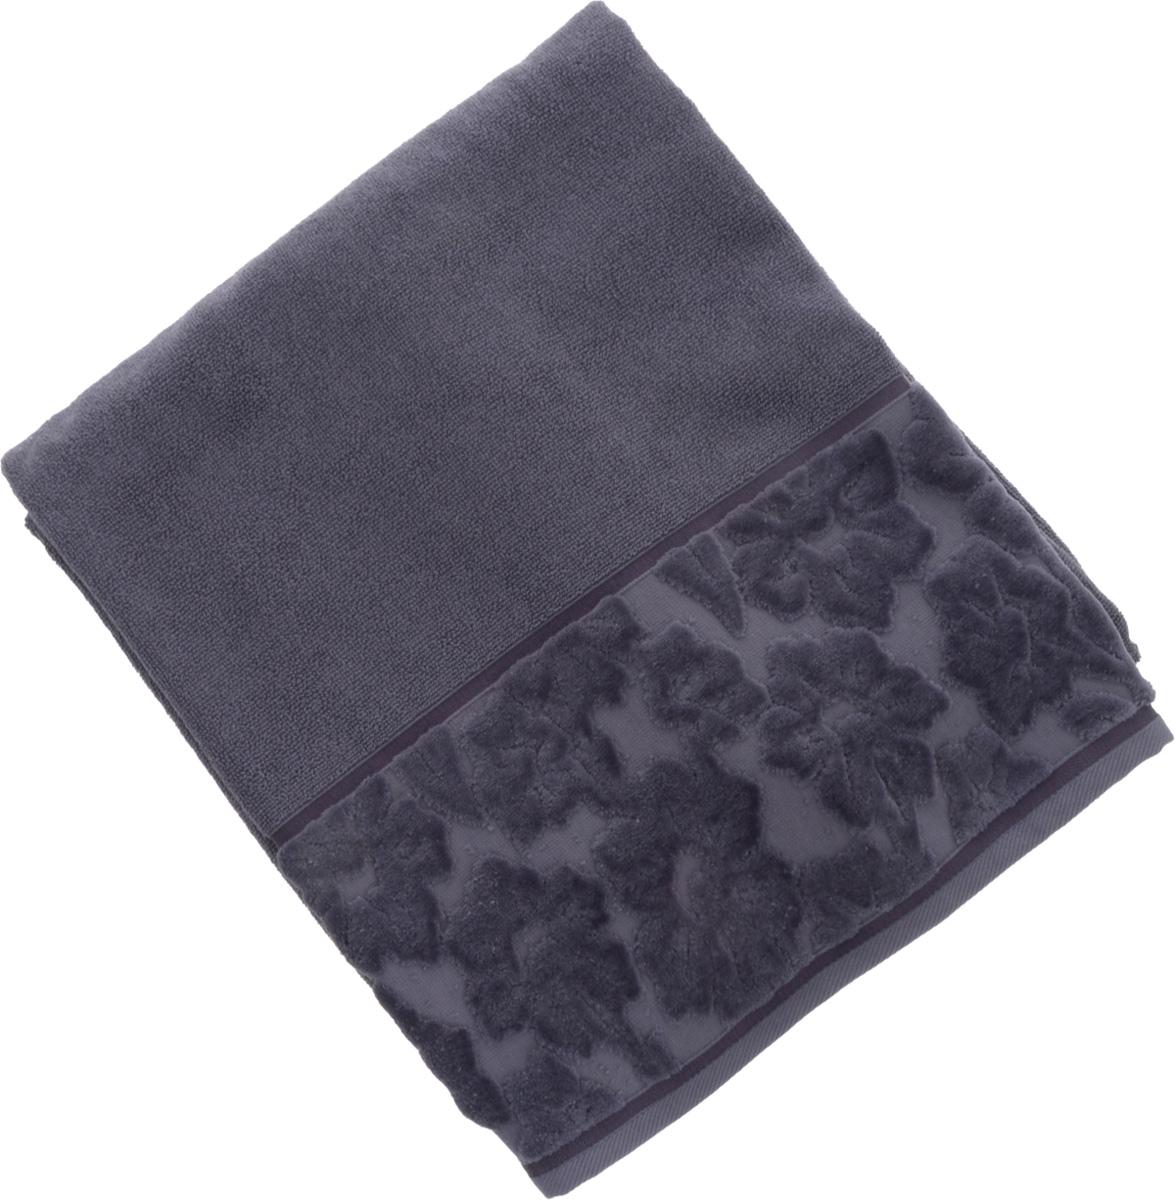 Полотенце махровое Issimo Home Jacquelyn, цвет: индиго, 70 x 140 см4977Махровое полотенце Issimo Home Jacquelyn выполнено из 100% хлопка. Изделие отлично впитывает влагу, быстро сохнет, сохраняет яркость цвета и не теряет форму даже после многократных стирок. Полотенце очень практично и неприхотливо в уходе. Оно прекрасно дополнит интерьер ванной комнаты.